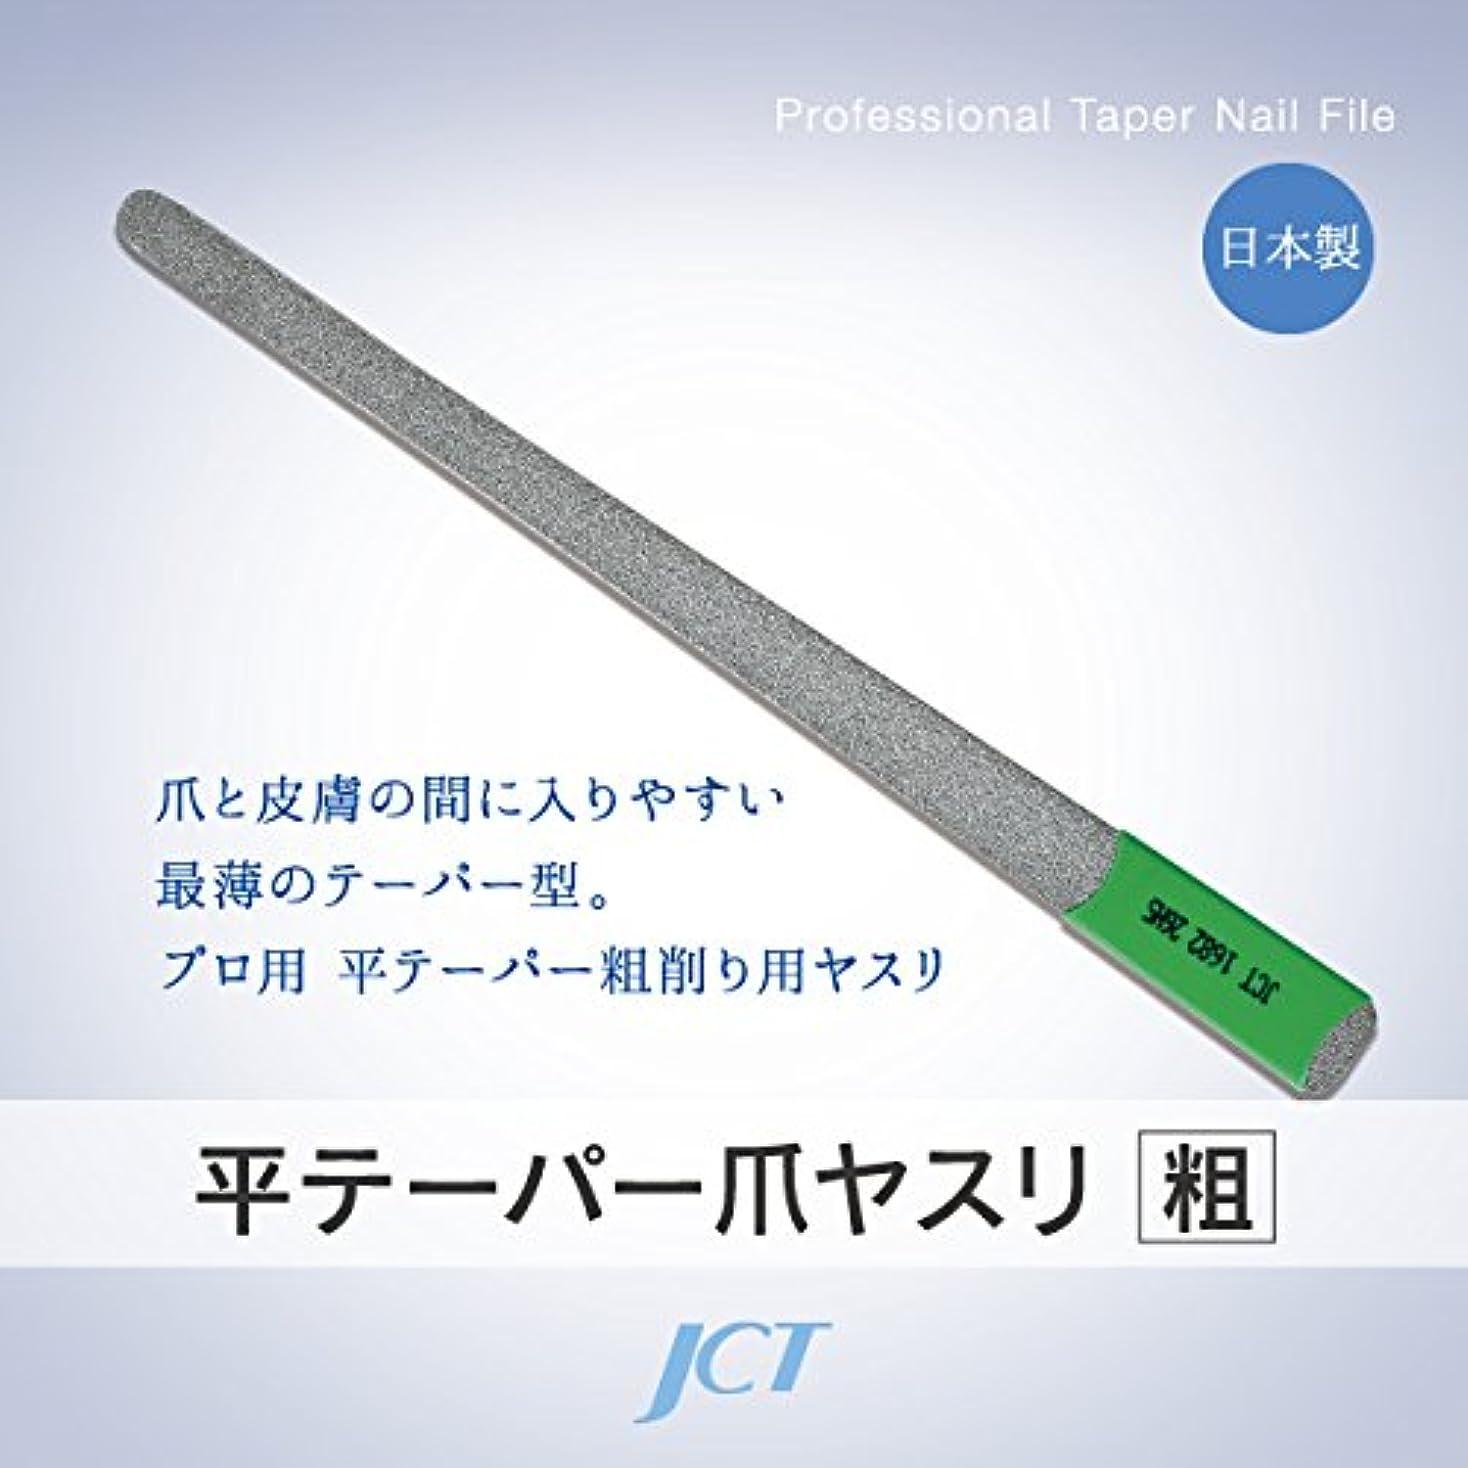 燃やす余裕がある批評JCT メディカル フットケア ダイヤモンド平テーパー爪ヤスリ(粗) 滅菌可 日本製 1年間保証付